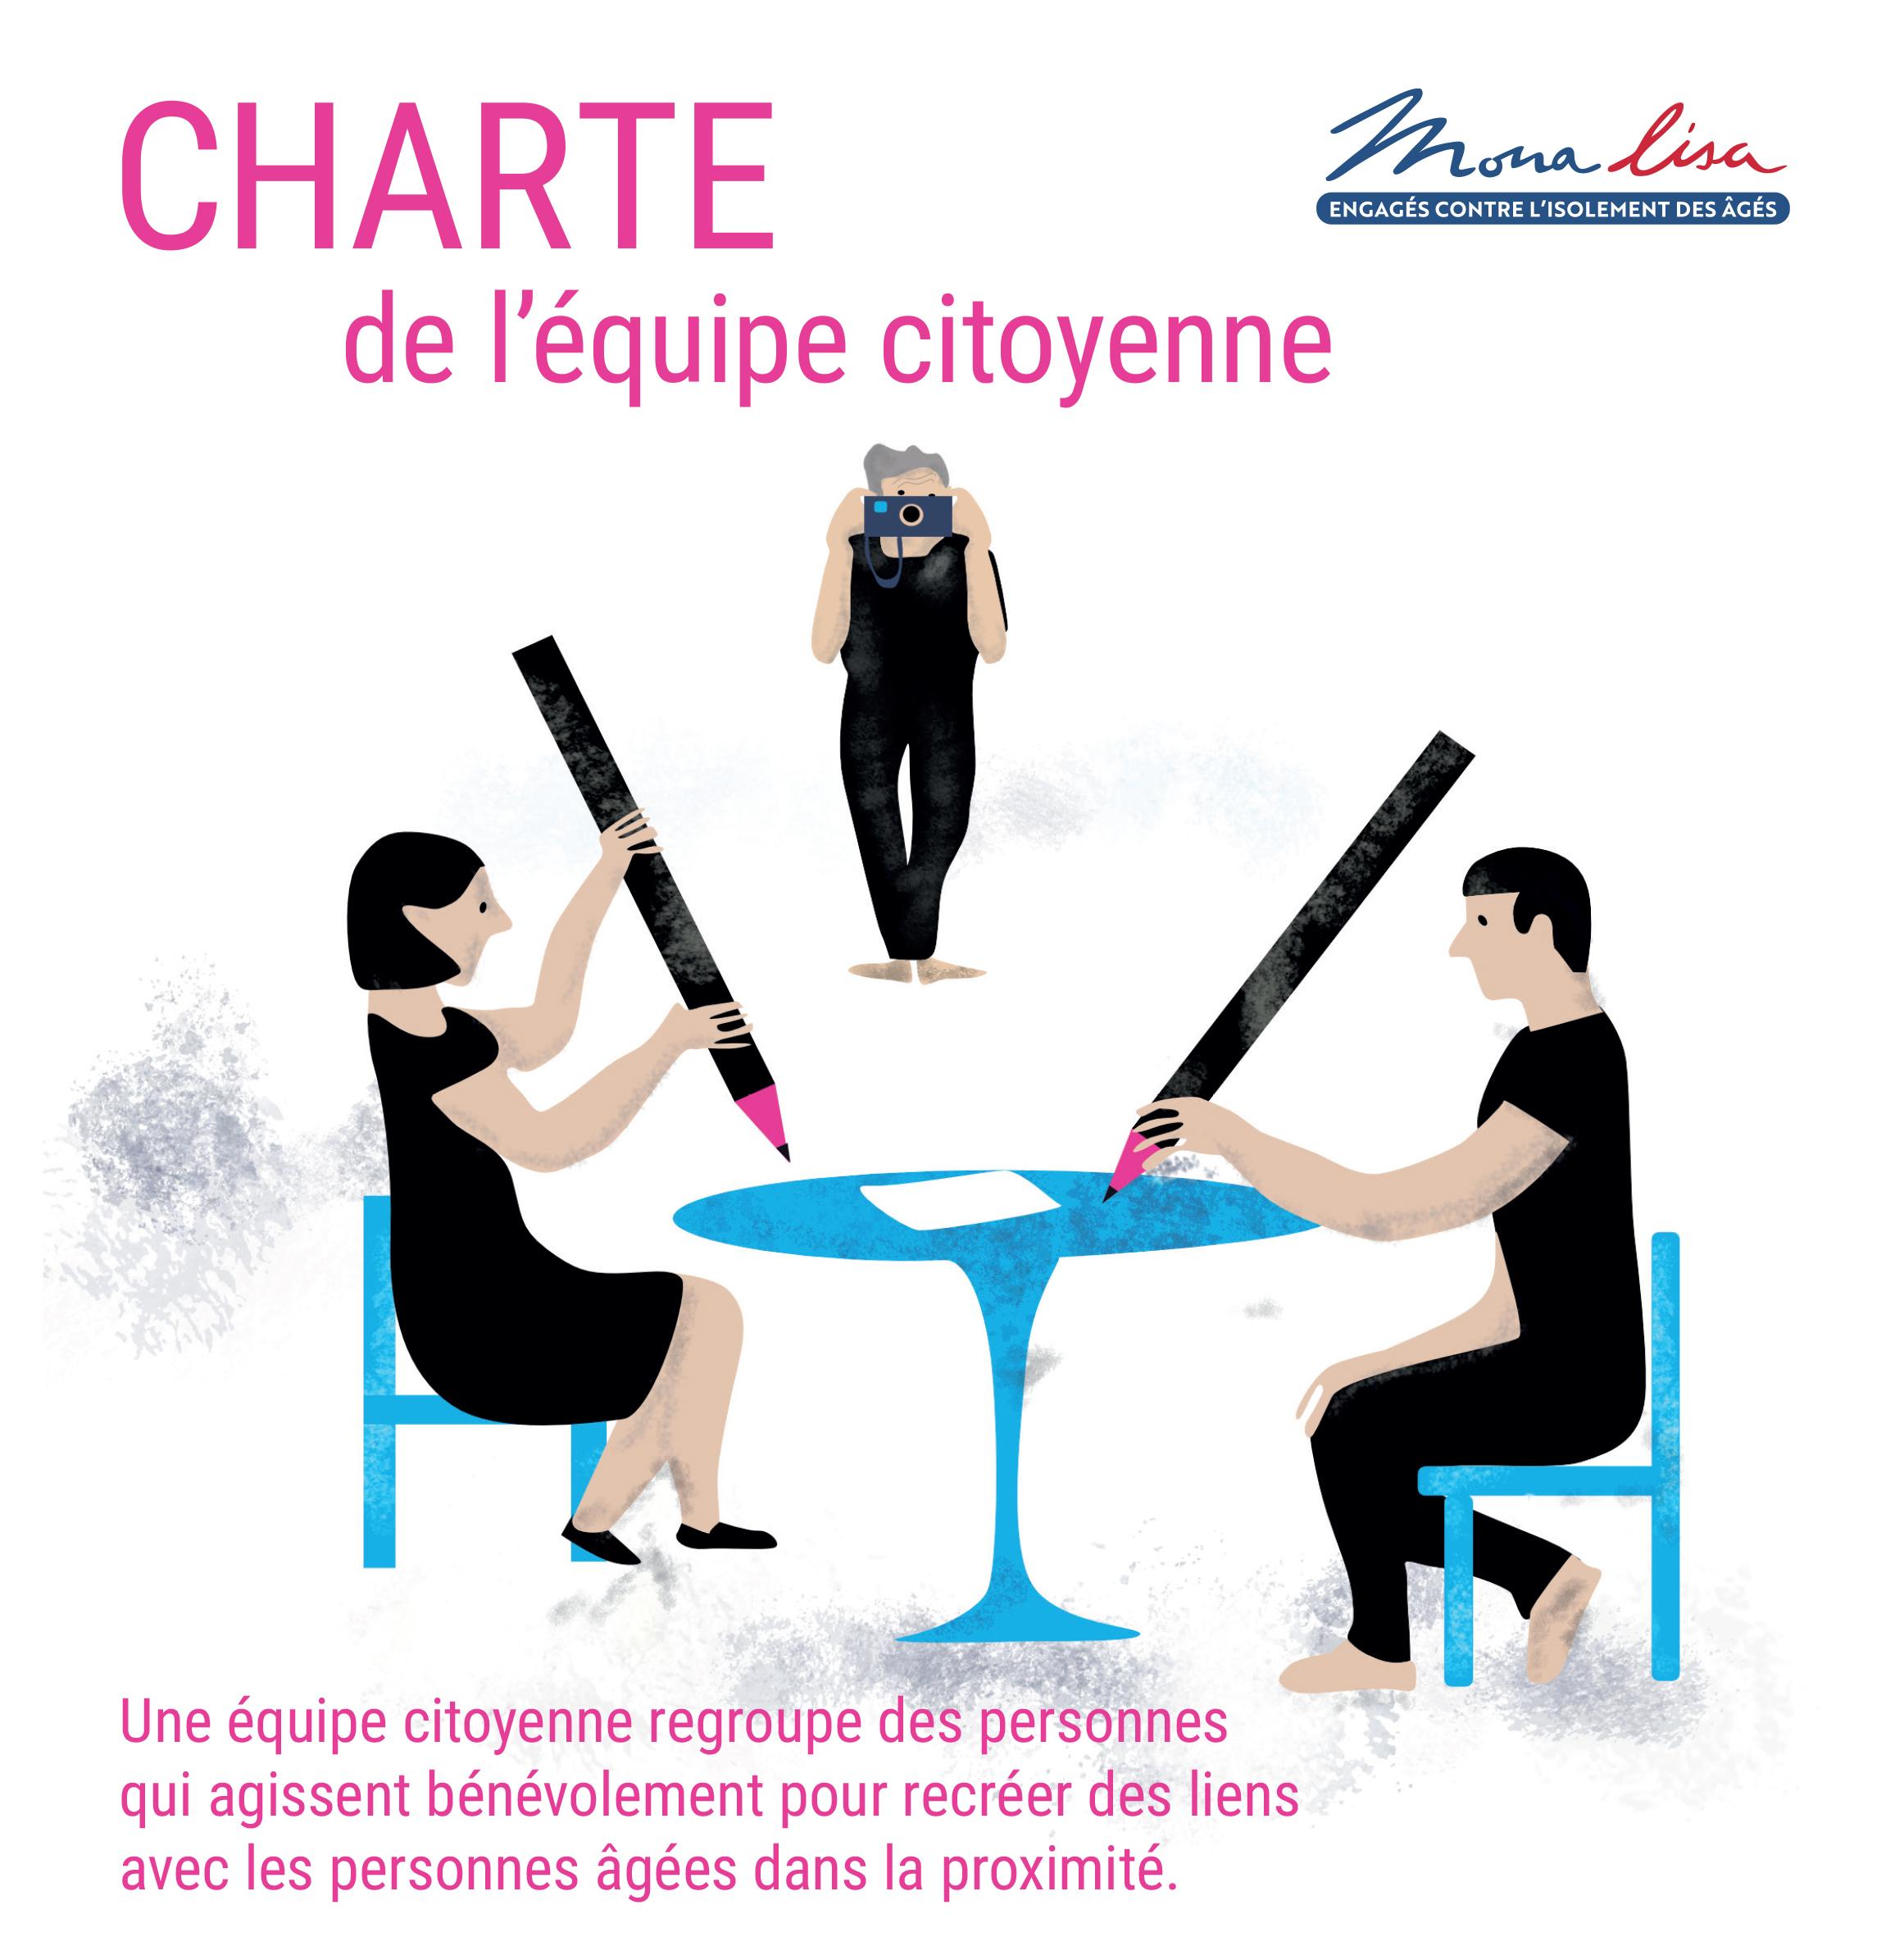 Nouvelle Charte de l'Equipe citoyenne